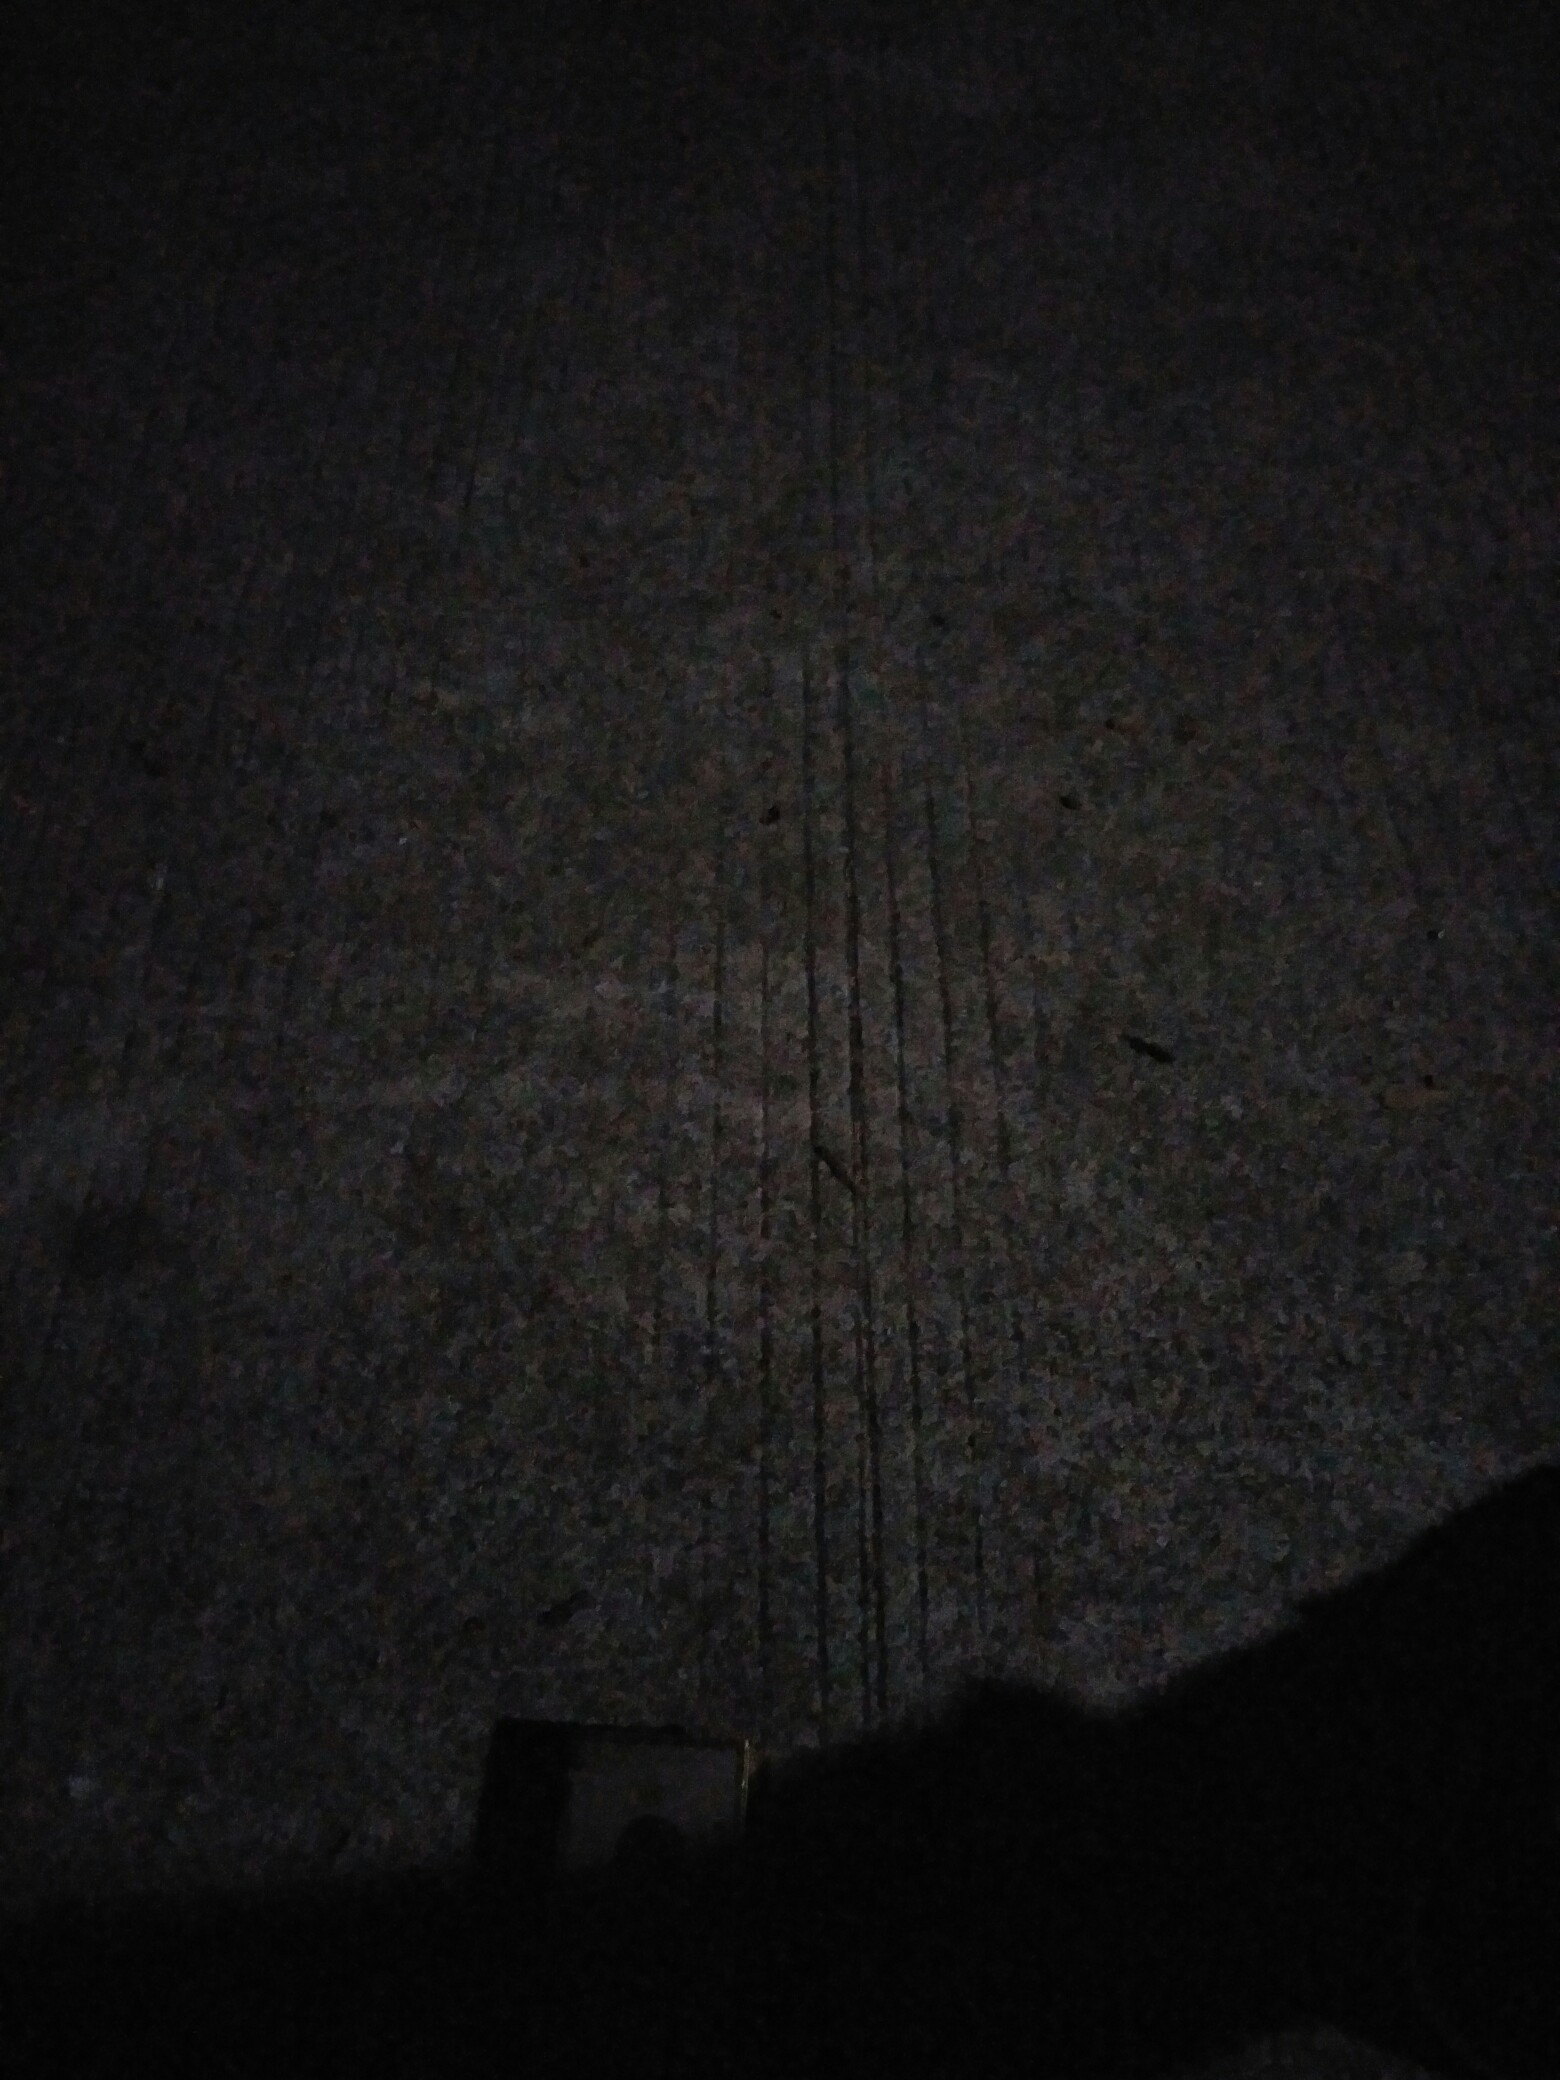 澳门忘忧乡:形形色色的娱乐城 隐皇冠赌场娱乐藏 国内企业皇冠赌场 - 搜狗百科